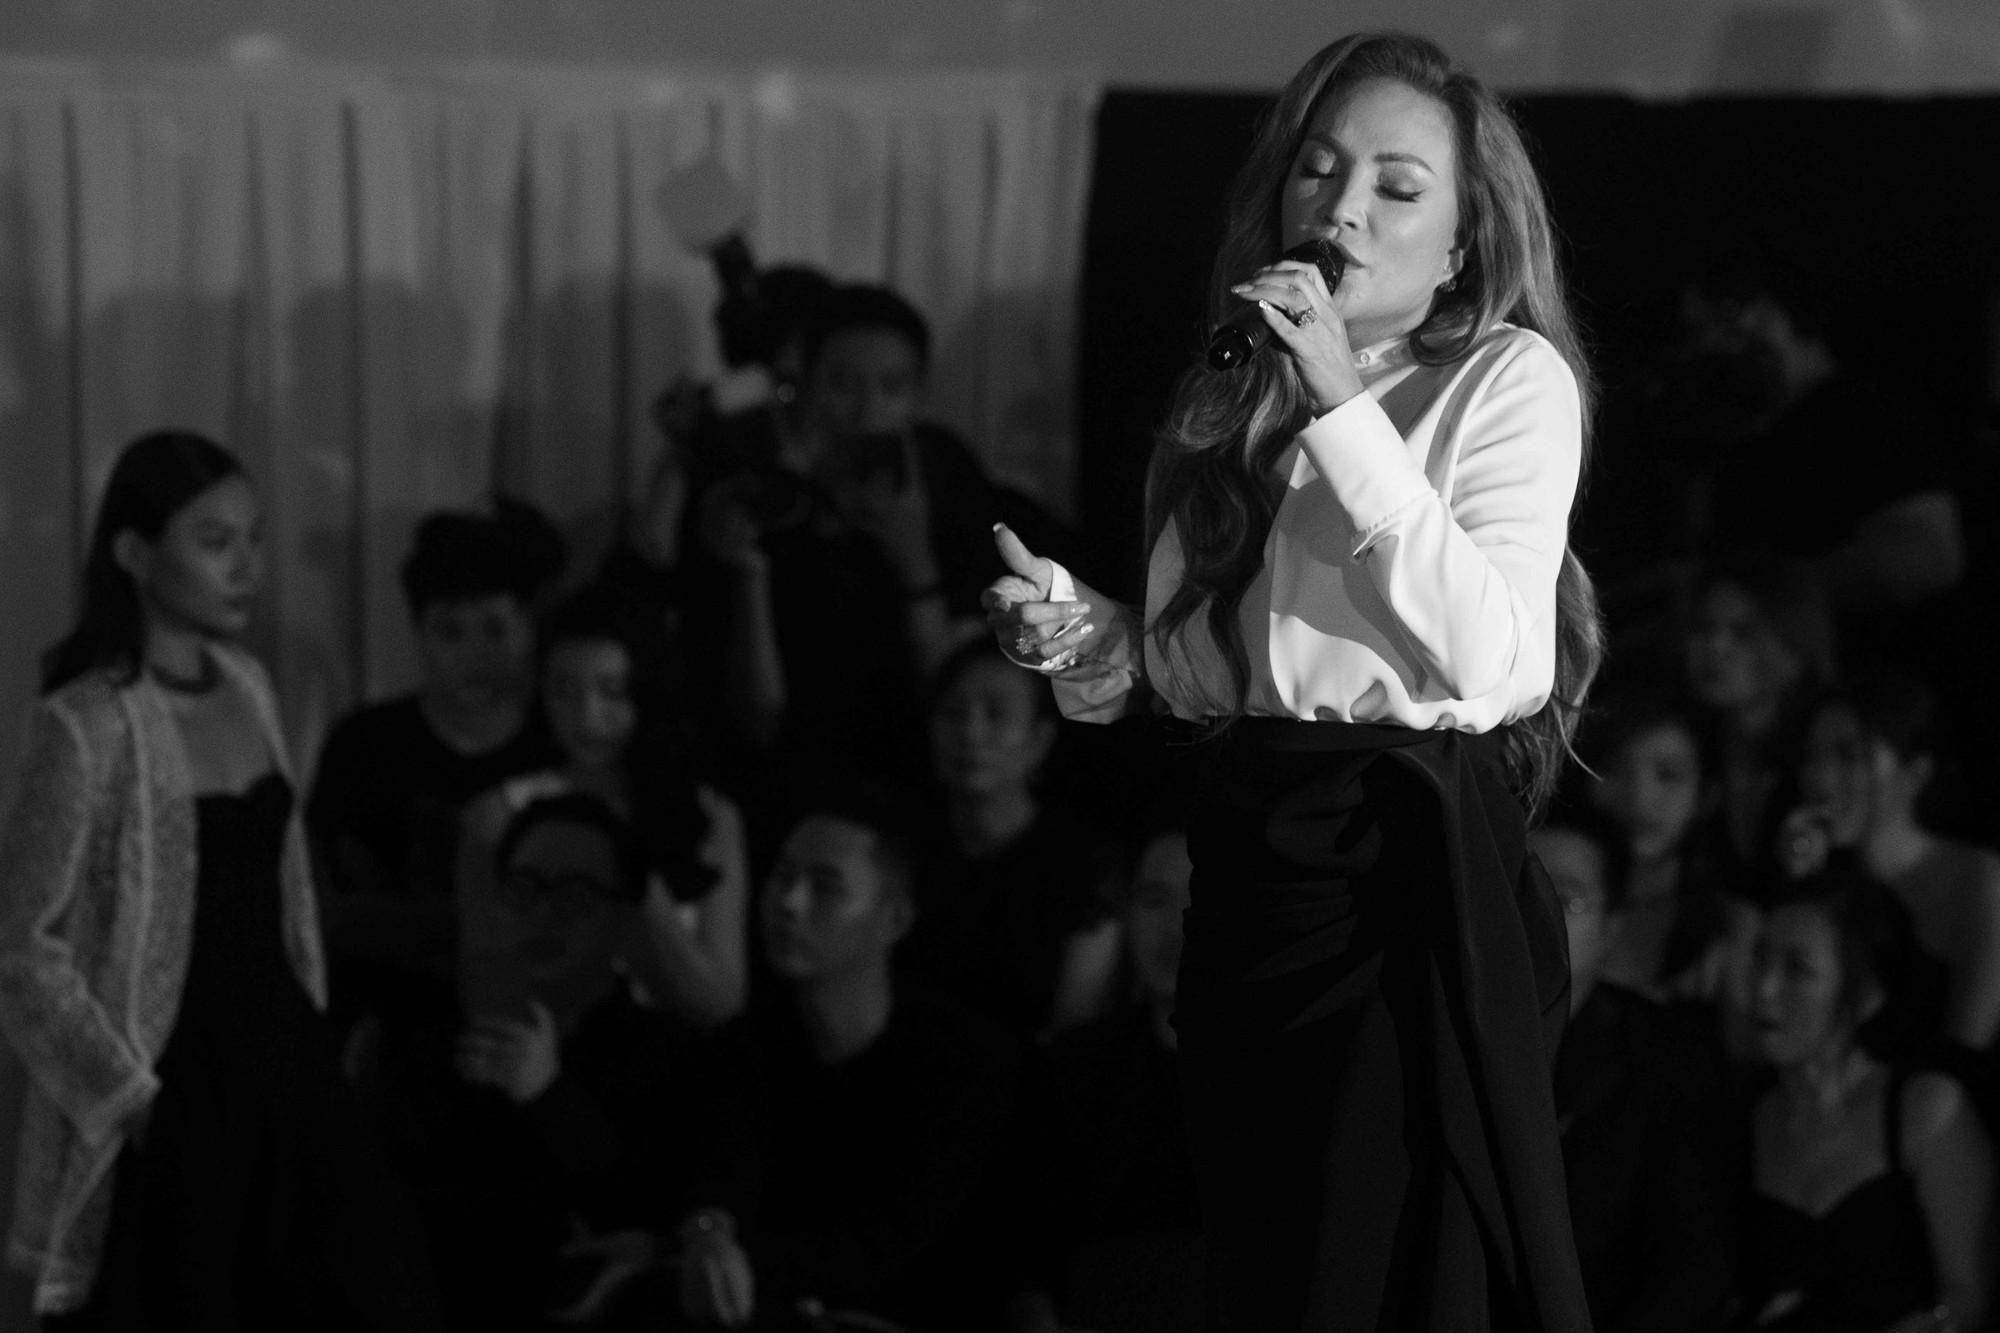 Giọng hát Việt: Thanh Hà hết mực cưng chiều Dominix sau khi bị loại, dự kiến làm Bà Hà Vlog? - Ảnh 4.